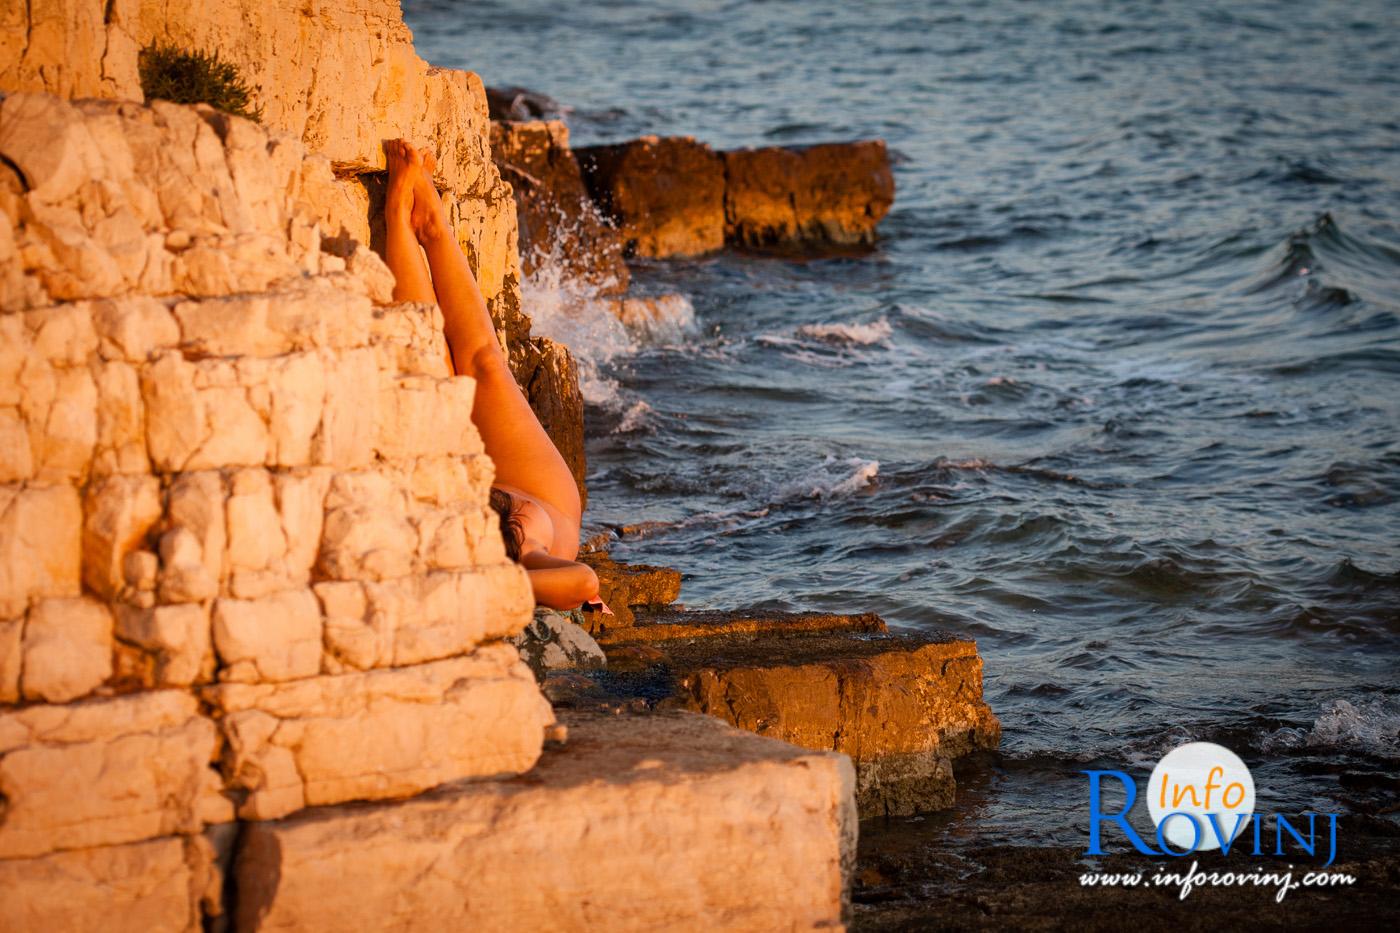 il nudismo sulle spiagge di Rovigno